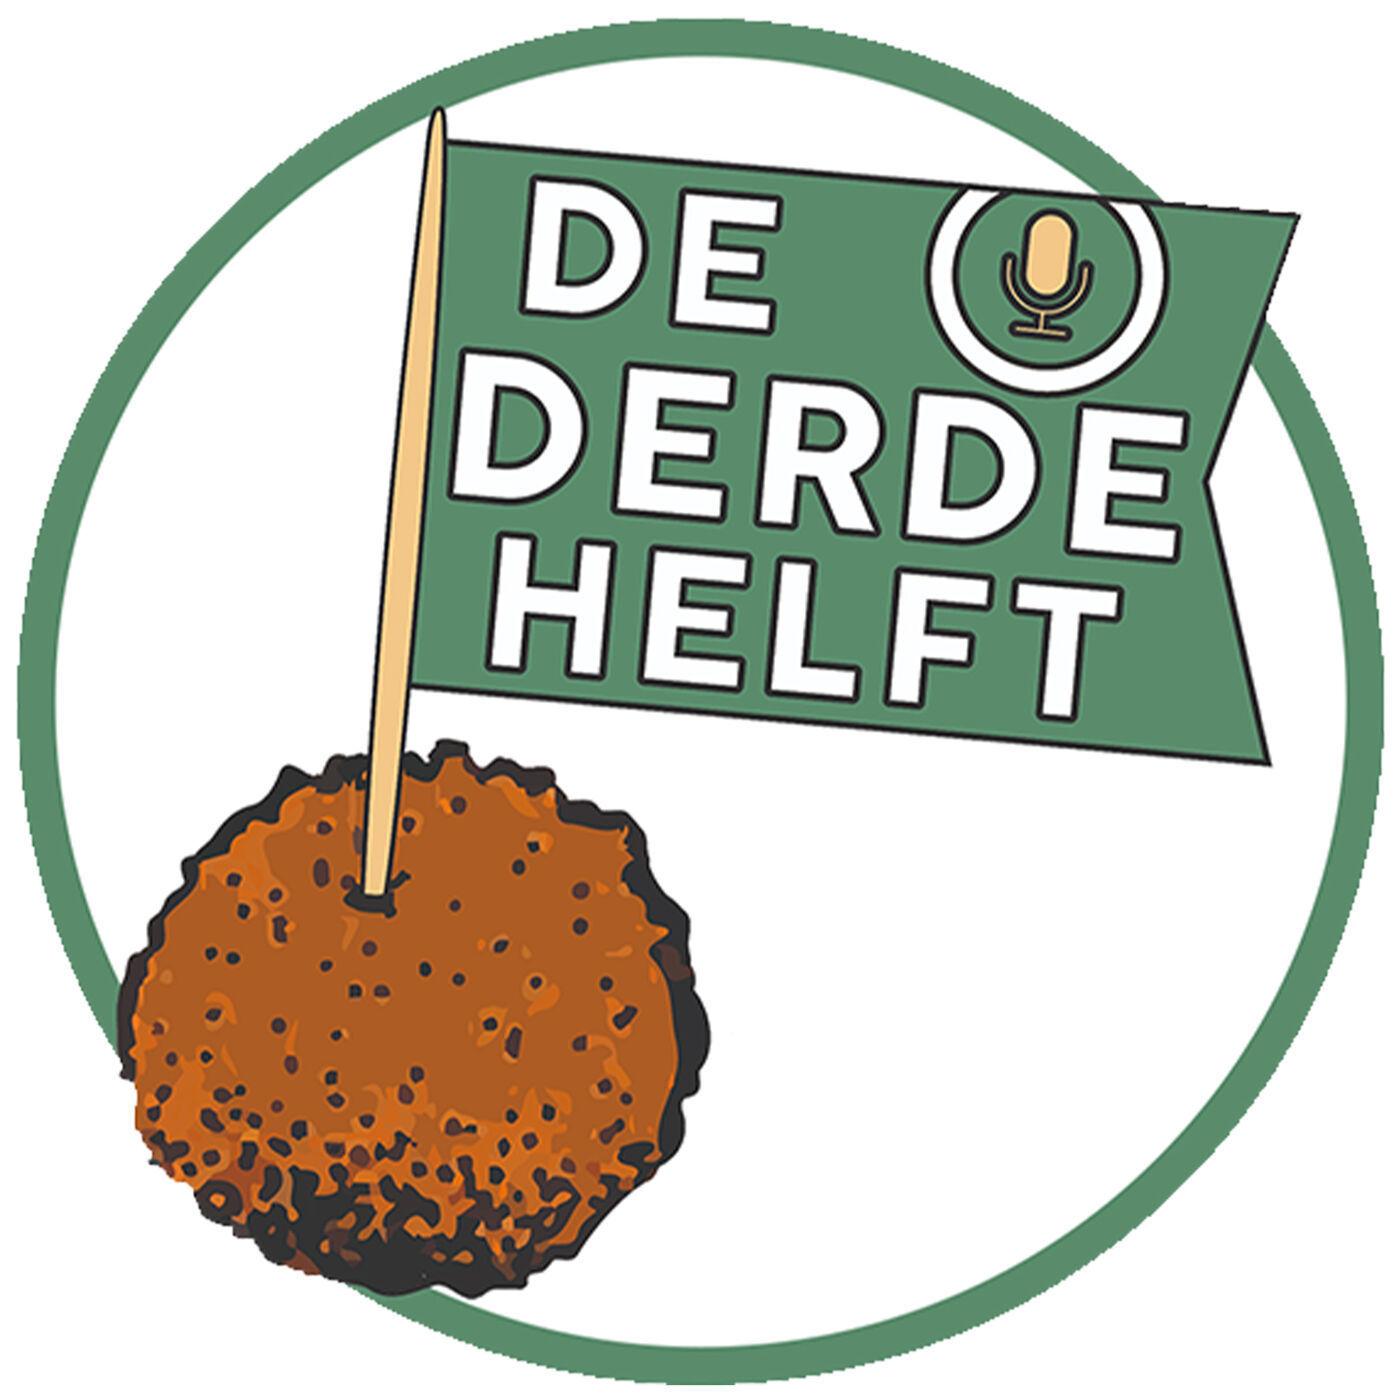 Terugblik Eredivisie: 'Advocaat past veel beter bij Feyenoord dan Slot'